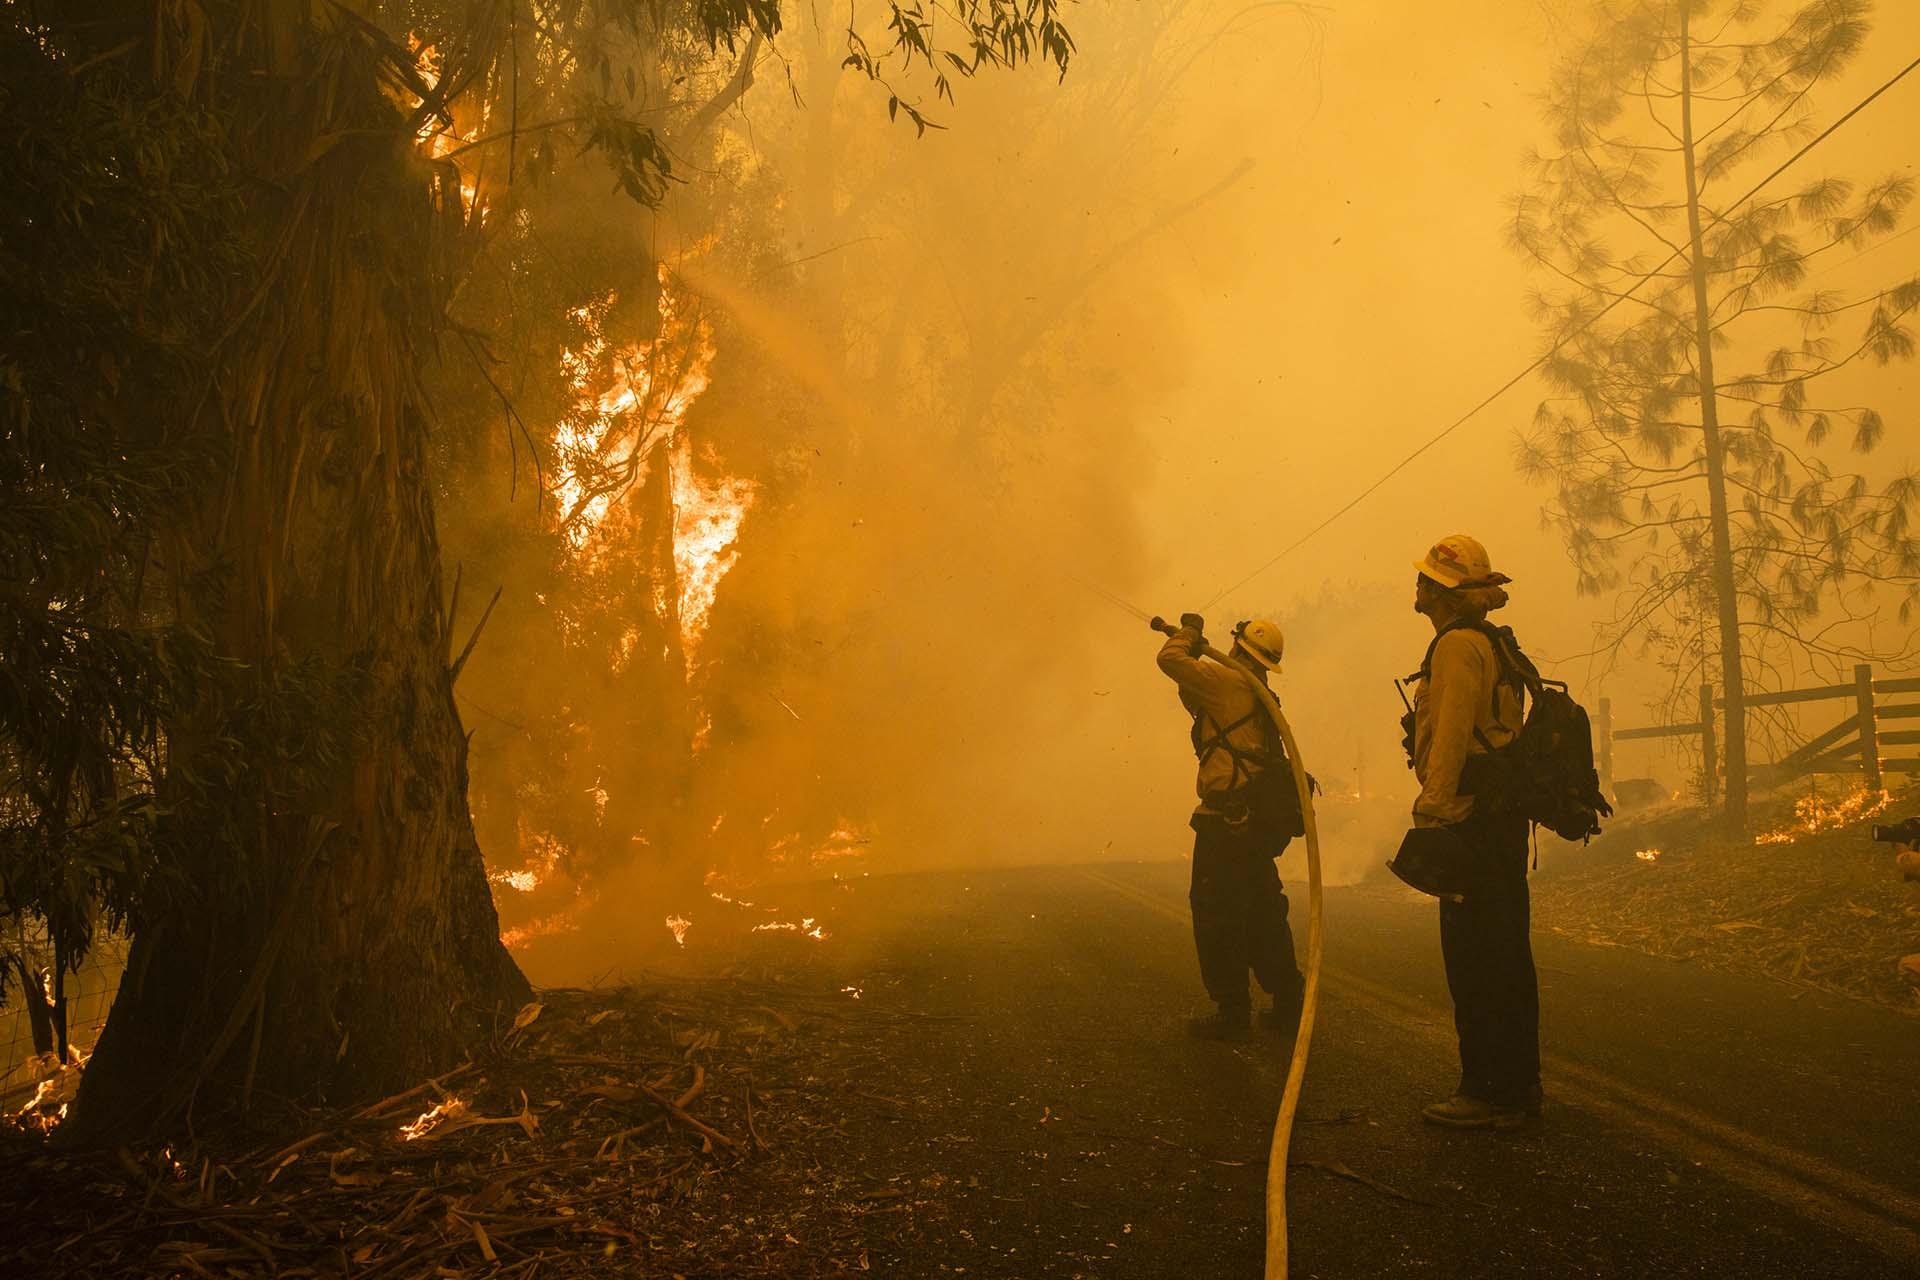 Los bomberos combaten el incendio de Kincade a lo largo de Chalk Hill Road en Healdsburg, California, el 27 de octubre de 2019. (Foto de Philip Pacheco / AFP)